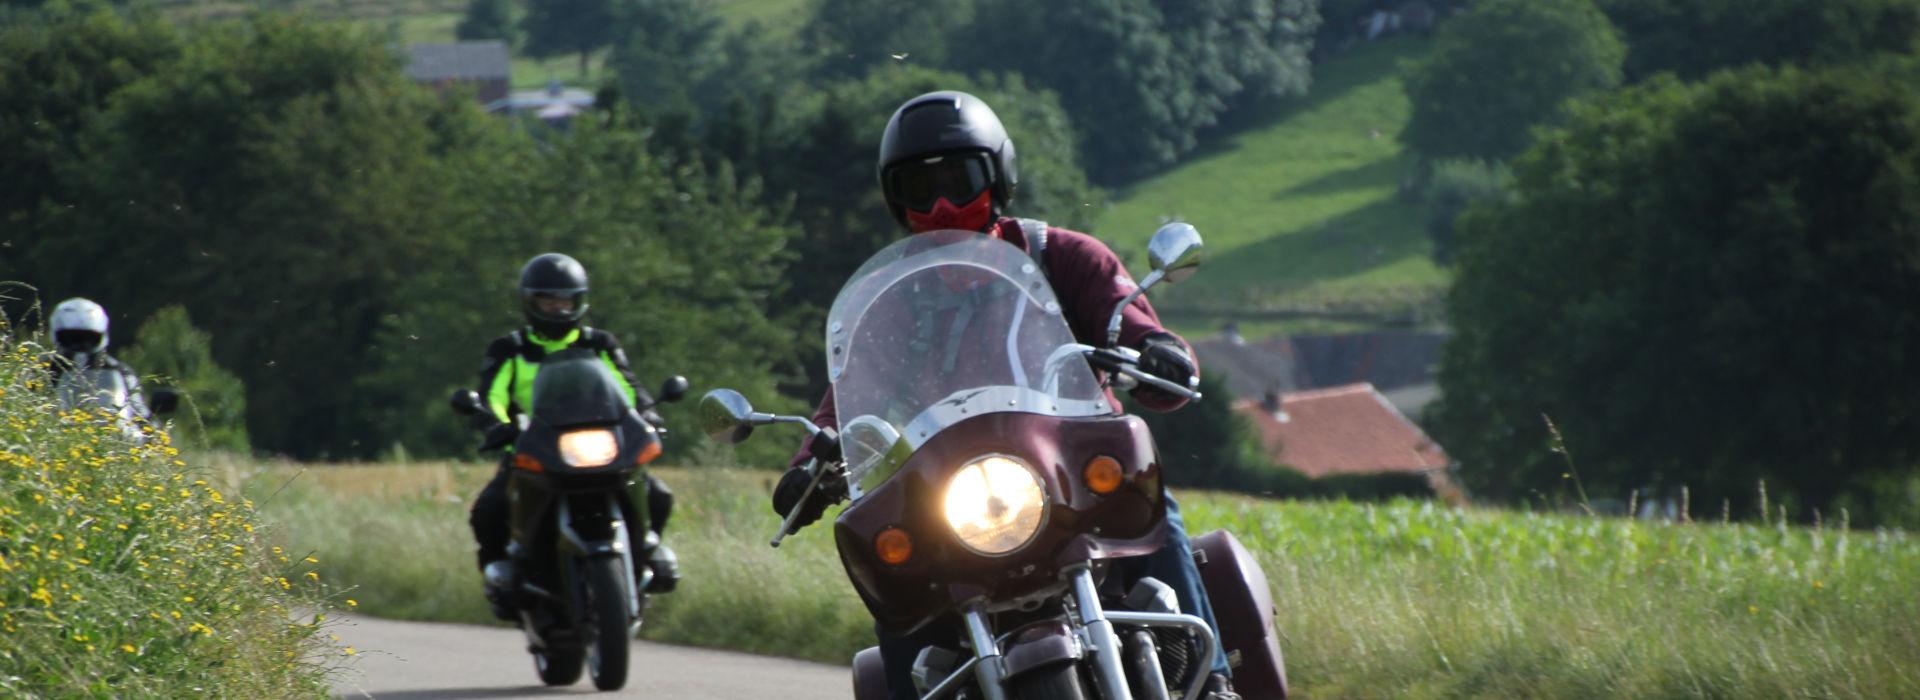 Motorrijbewijspoint Wassenaar motorrijcholen